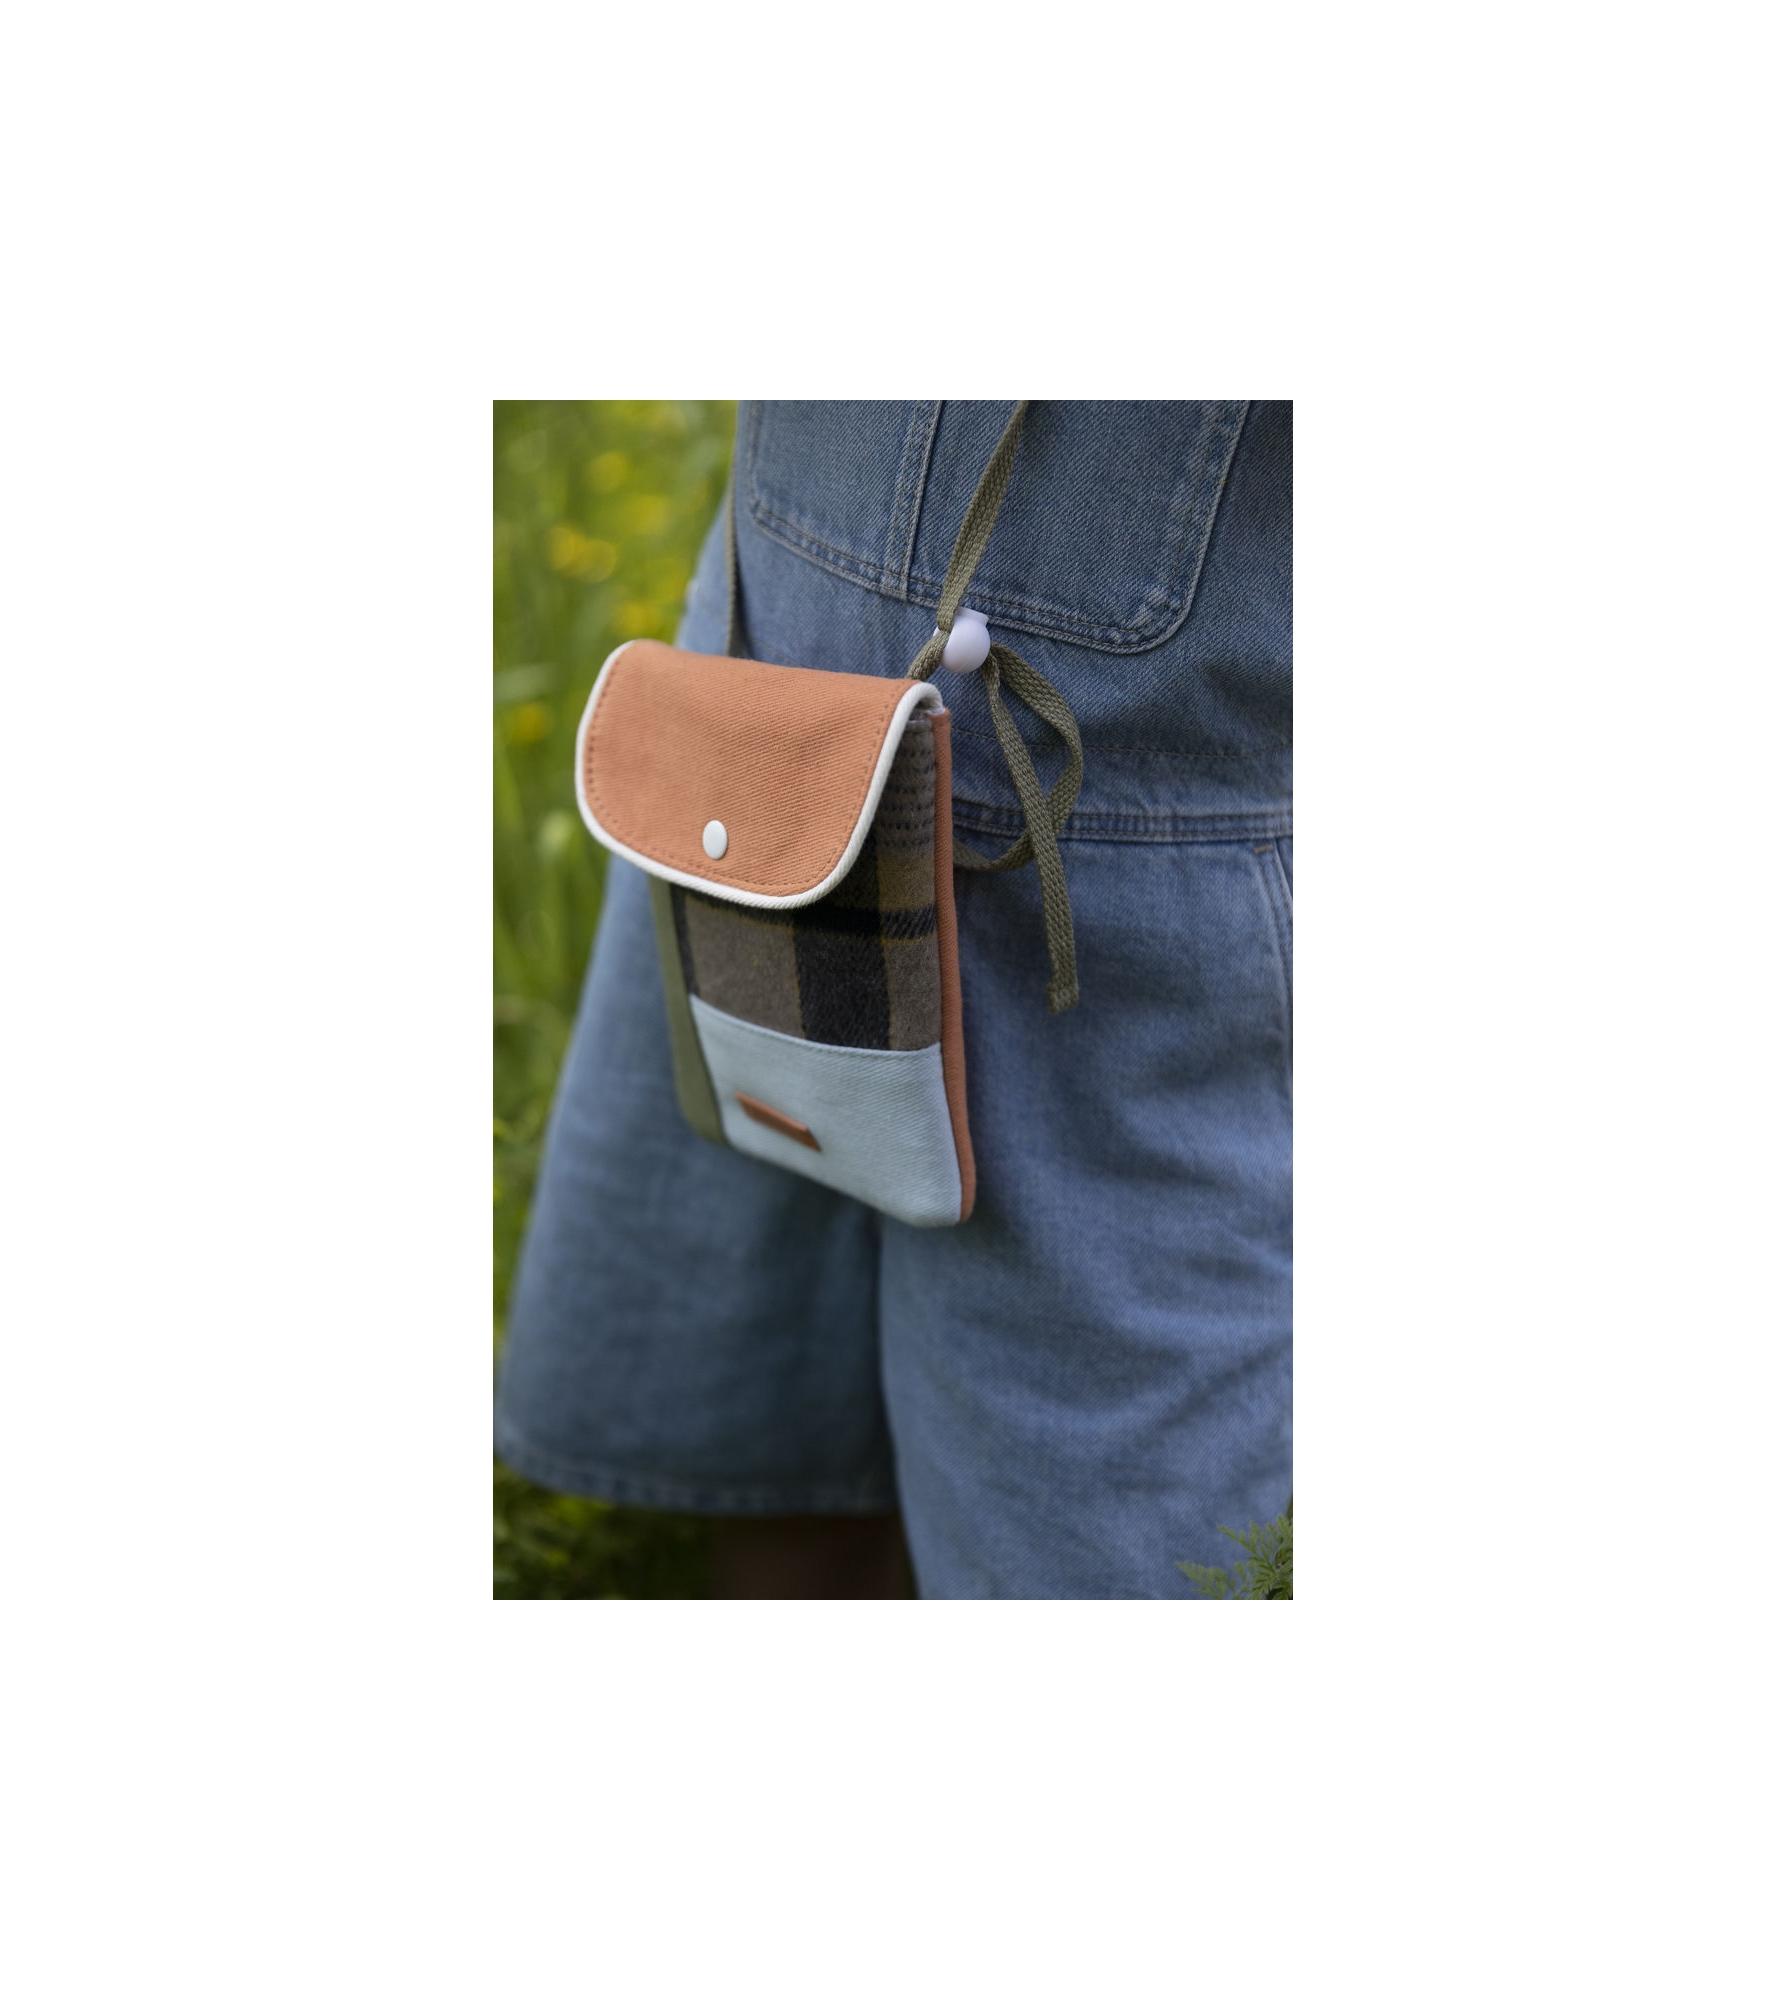 1801679 - Sticky Lemon - wallet bag - wanderer - sandy beige checks - style shot 04.jpg